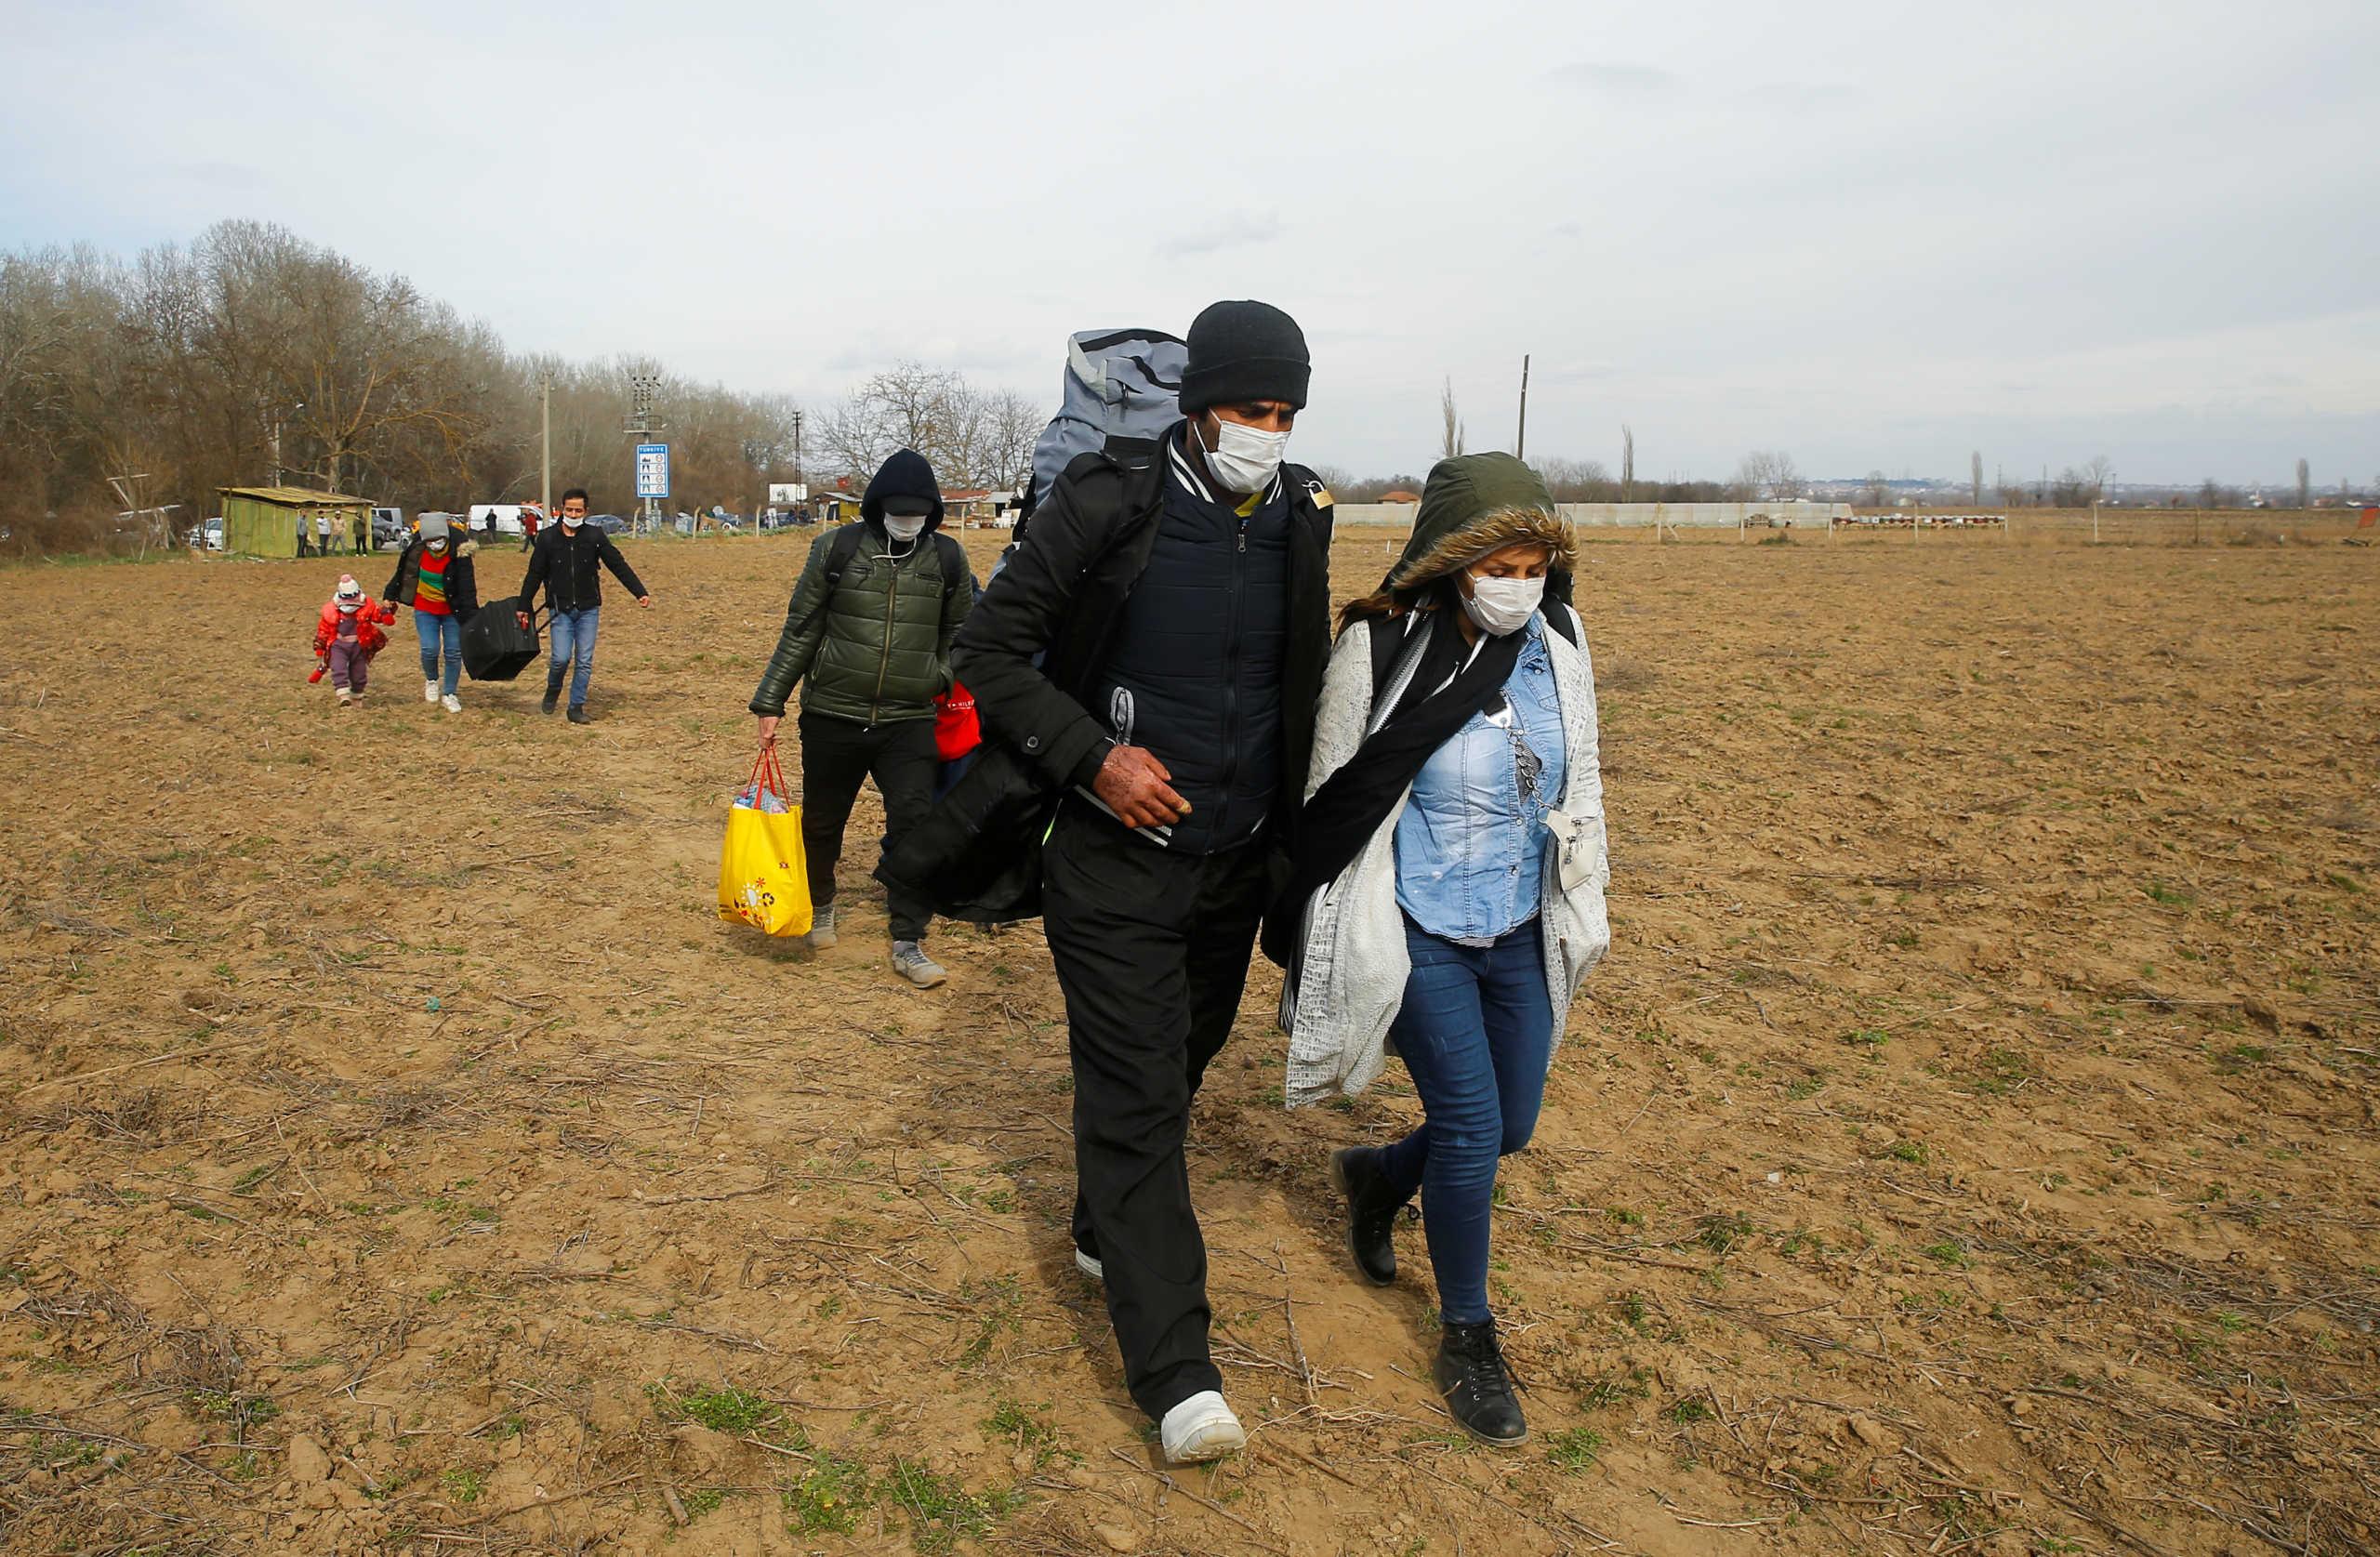 Frontex: Αύξηση στις αφίξεις μεταναστών στην ΕΕ μέσω των χερσαίων συνόρων